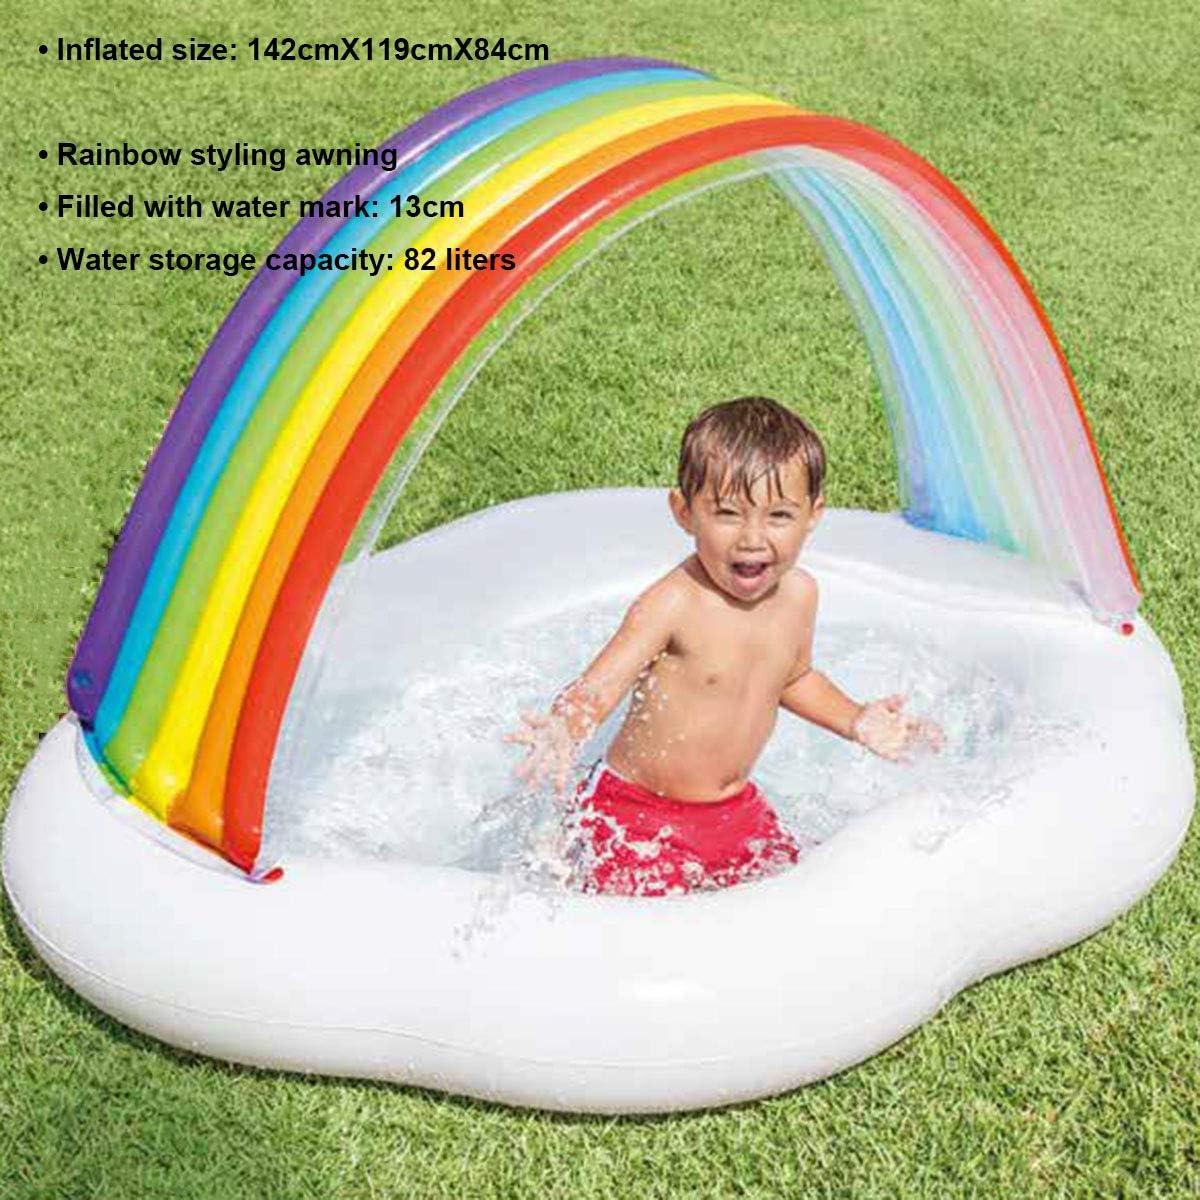 Piscina Para Bebés Rainbow, Piscina Para Bebés Inflable, Piscina ...